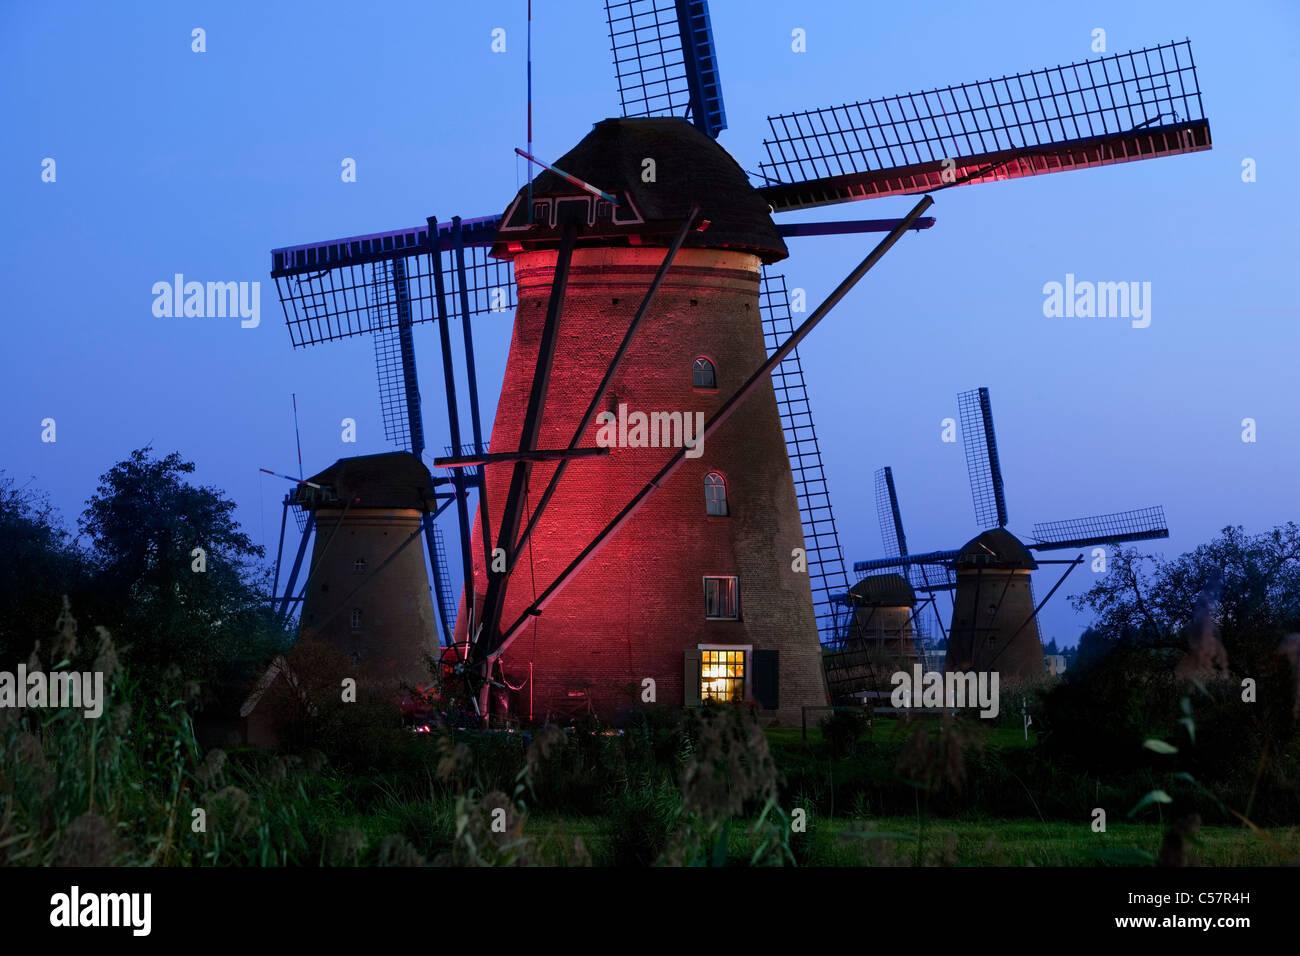 Den Niederlanden, Kinderdijk, beleuchtete Windmühlen, UNESCO-Weltkulturerbe. Stockbild